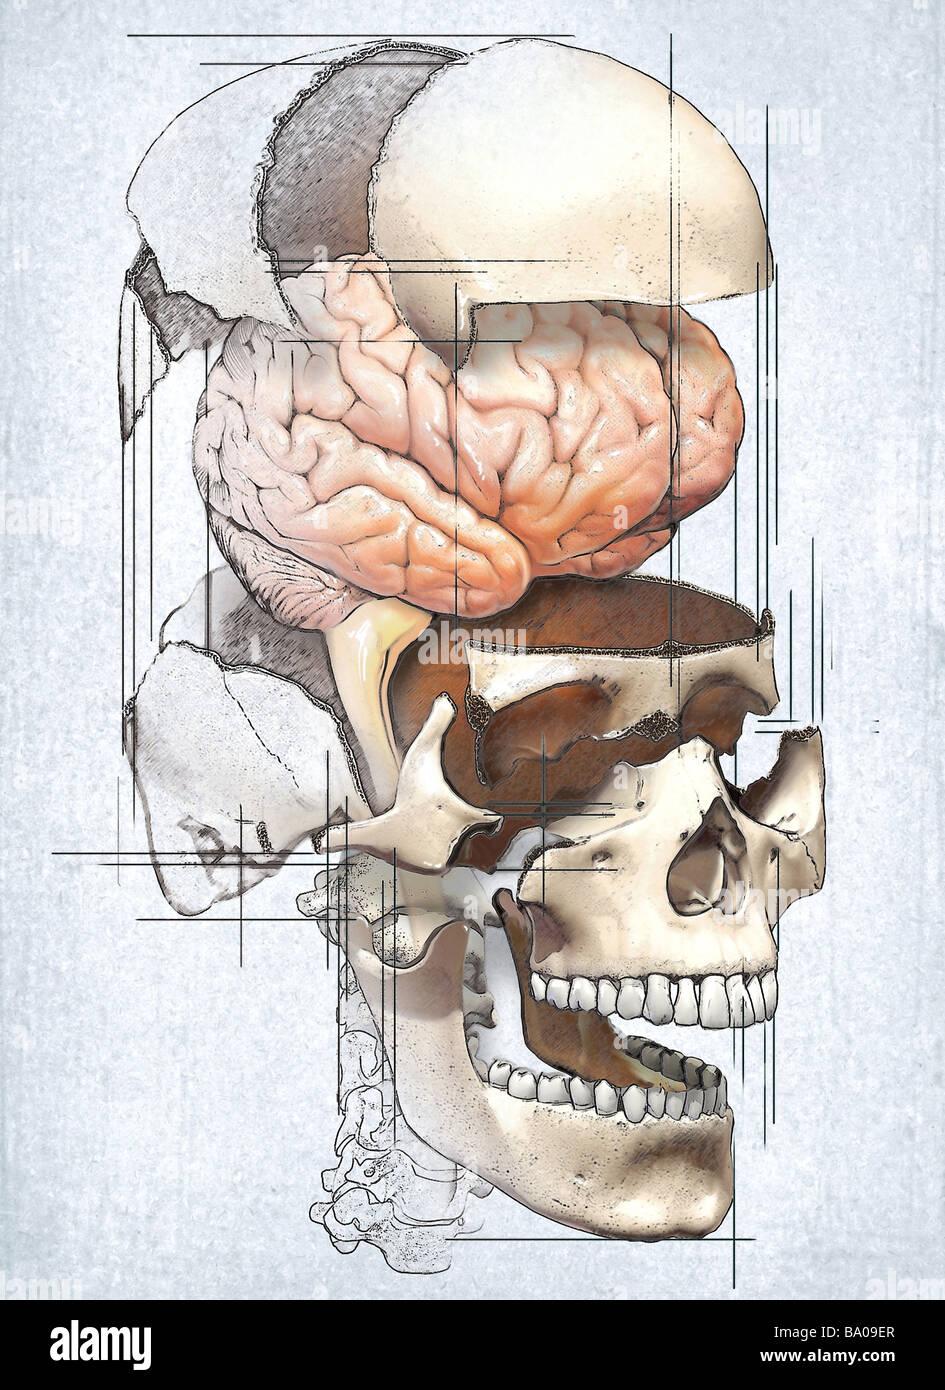 Esta imagen médica representa un despiece del cráneo con el cerebro en un estilo editorial ilustración. Imagen De Stock